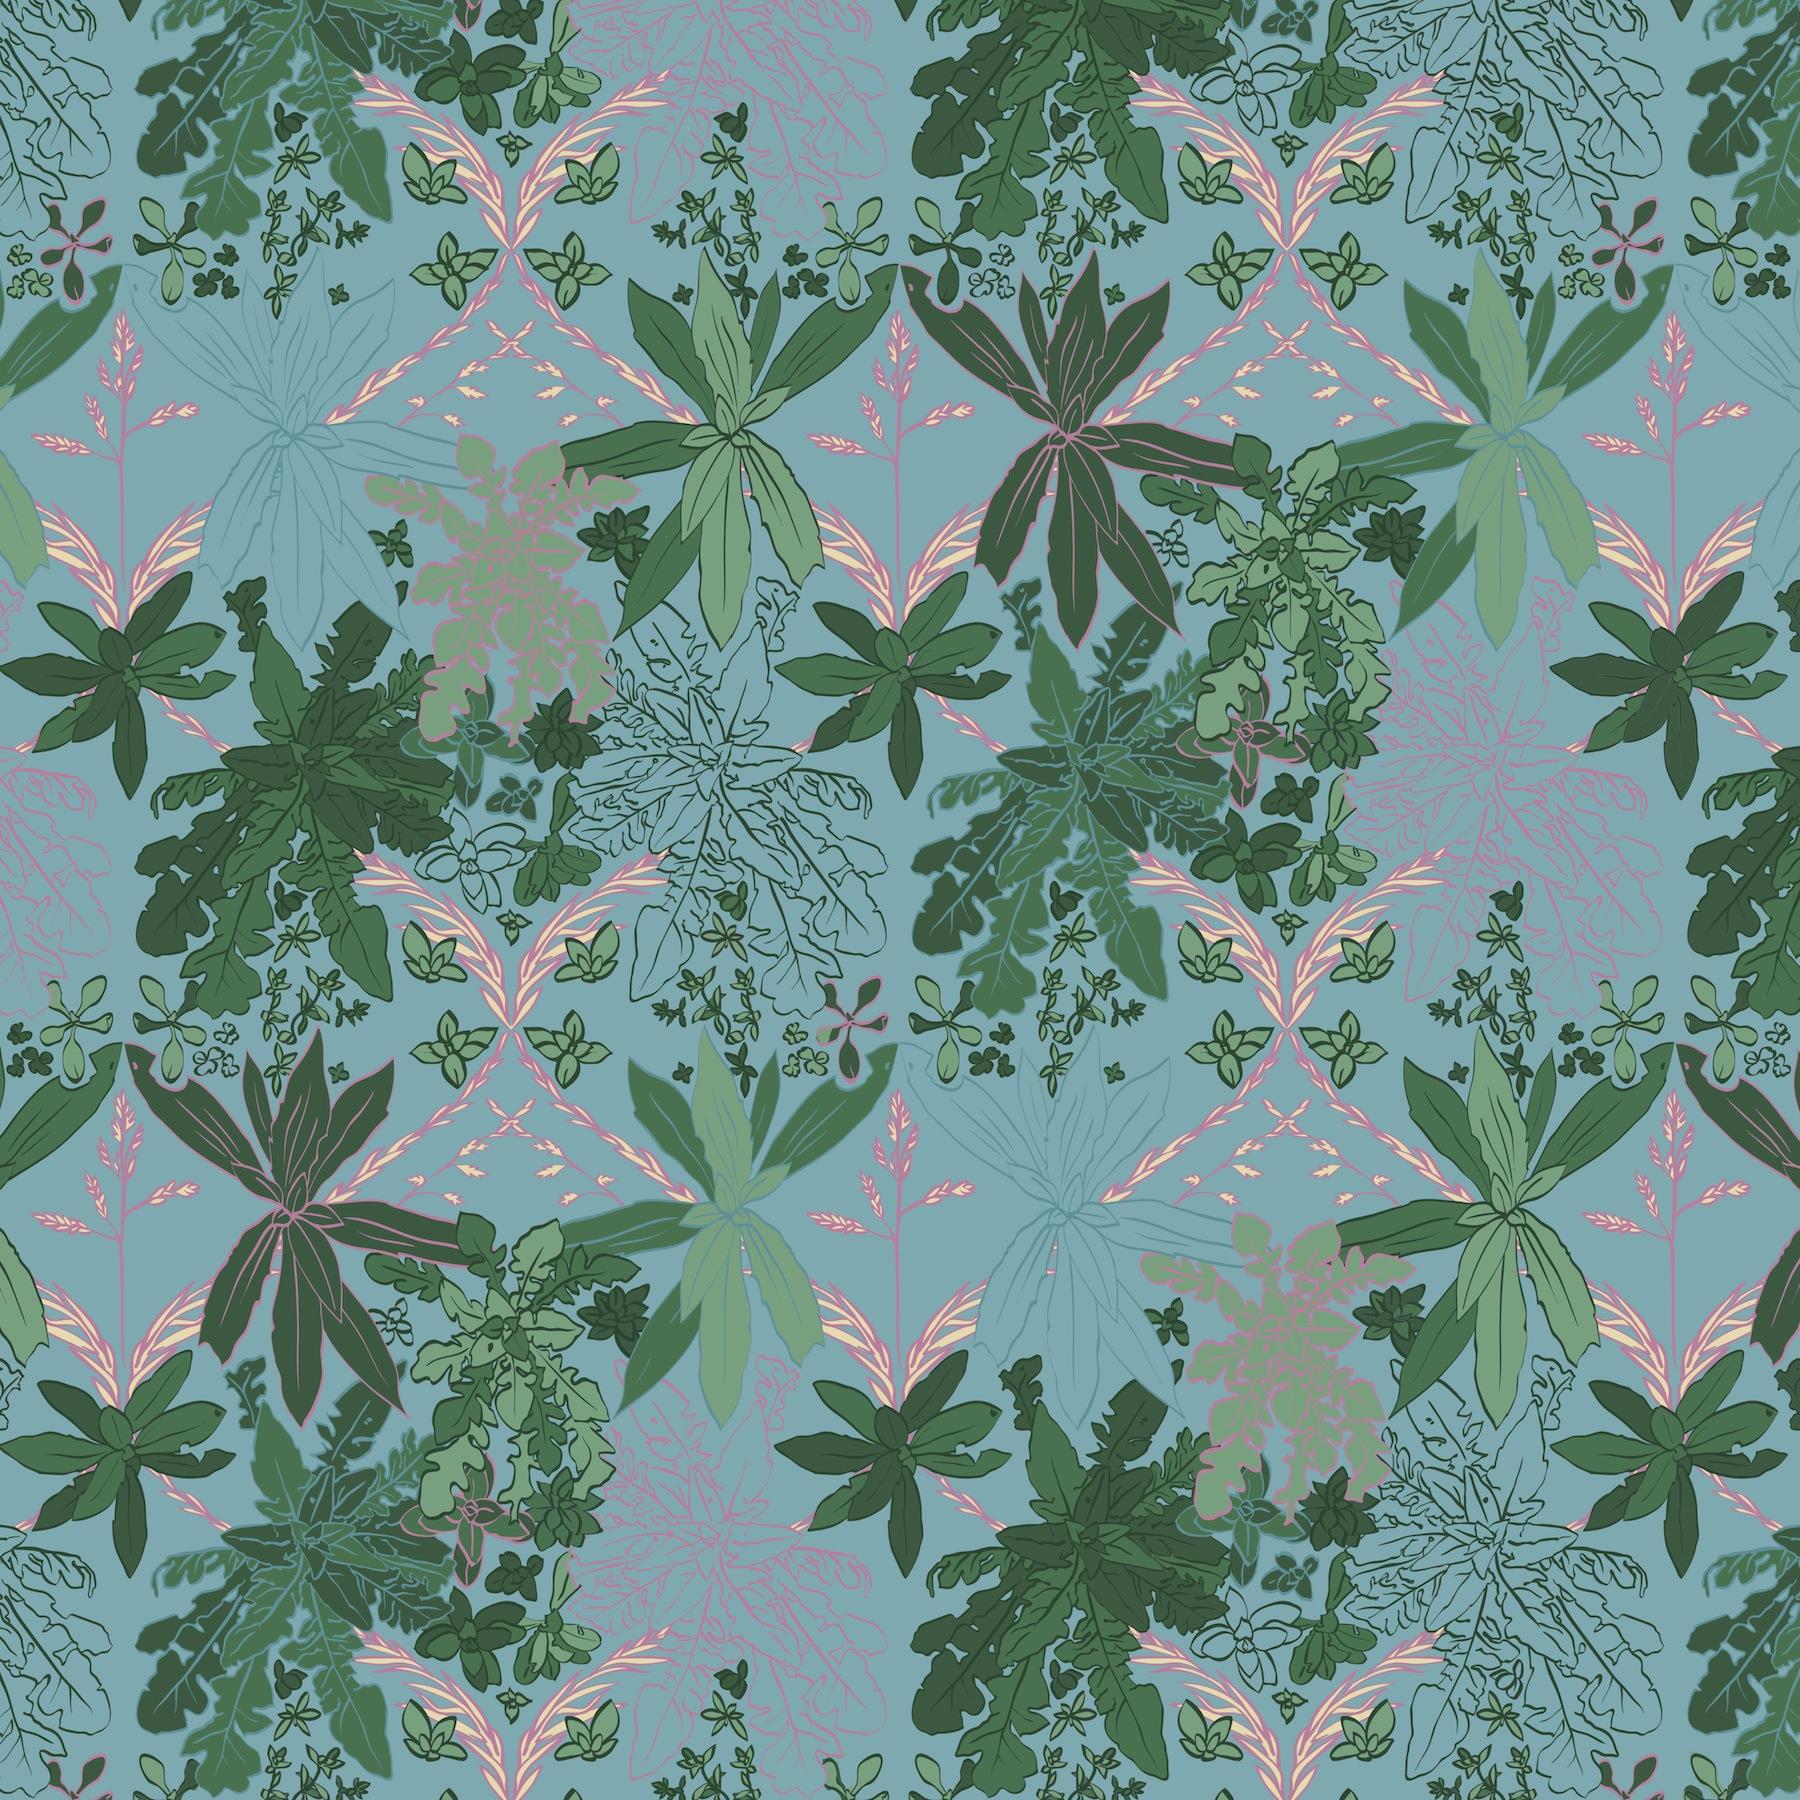 Sara dismukes-weed pattern copy